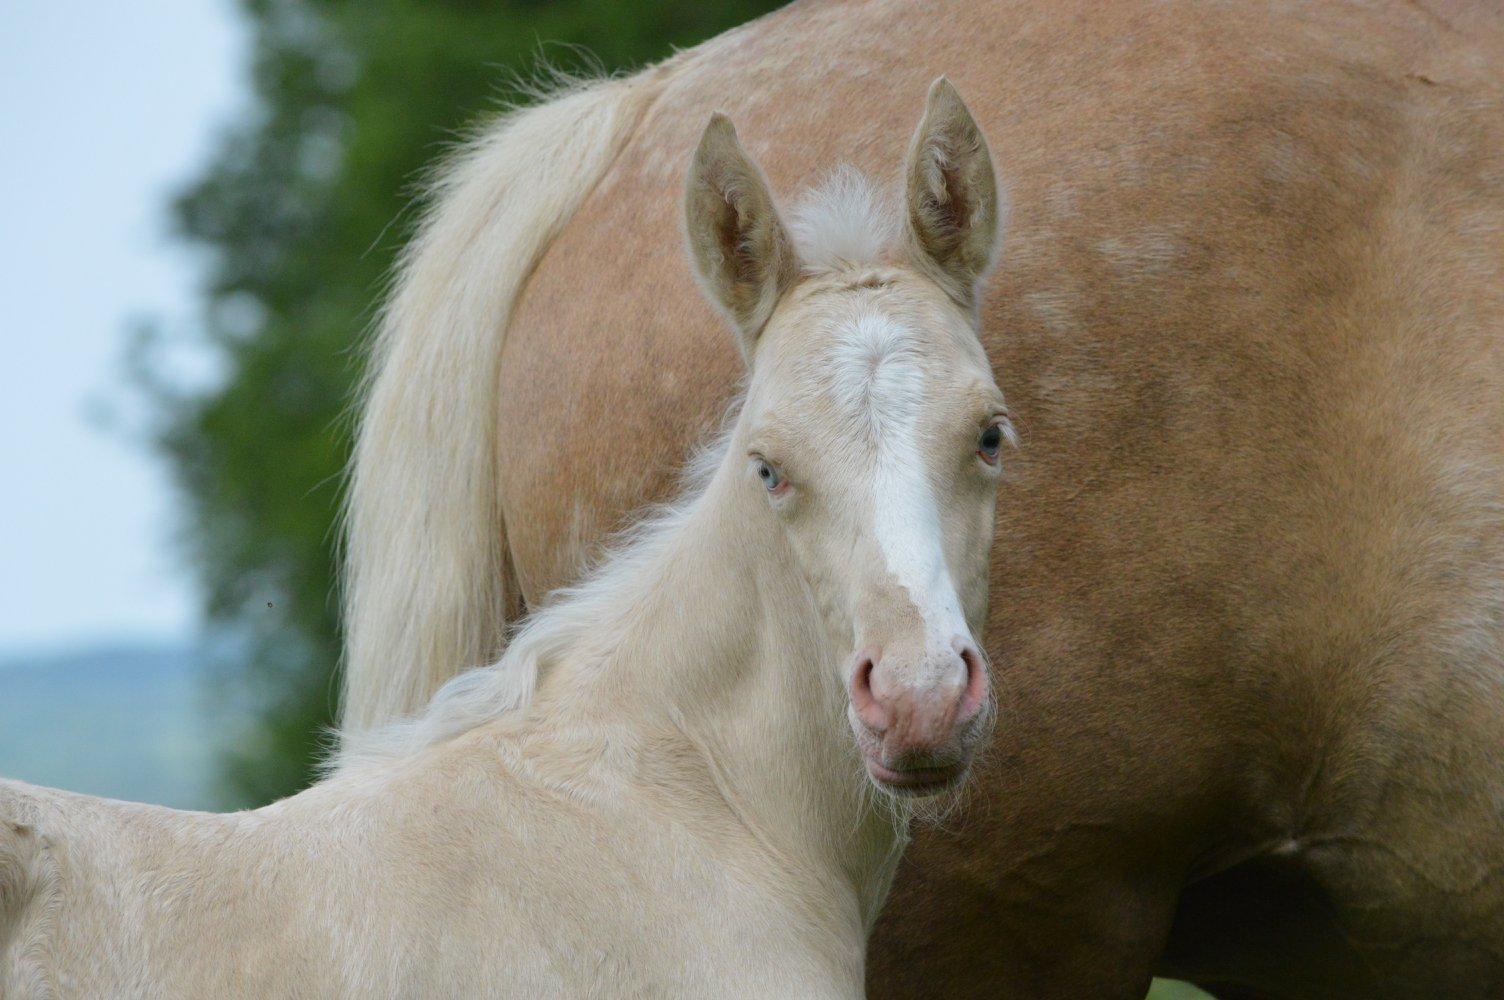 Les chevaux Dorélia  - Page 36 33676810